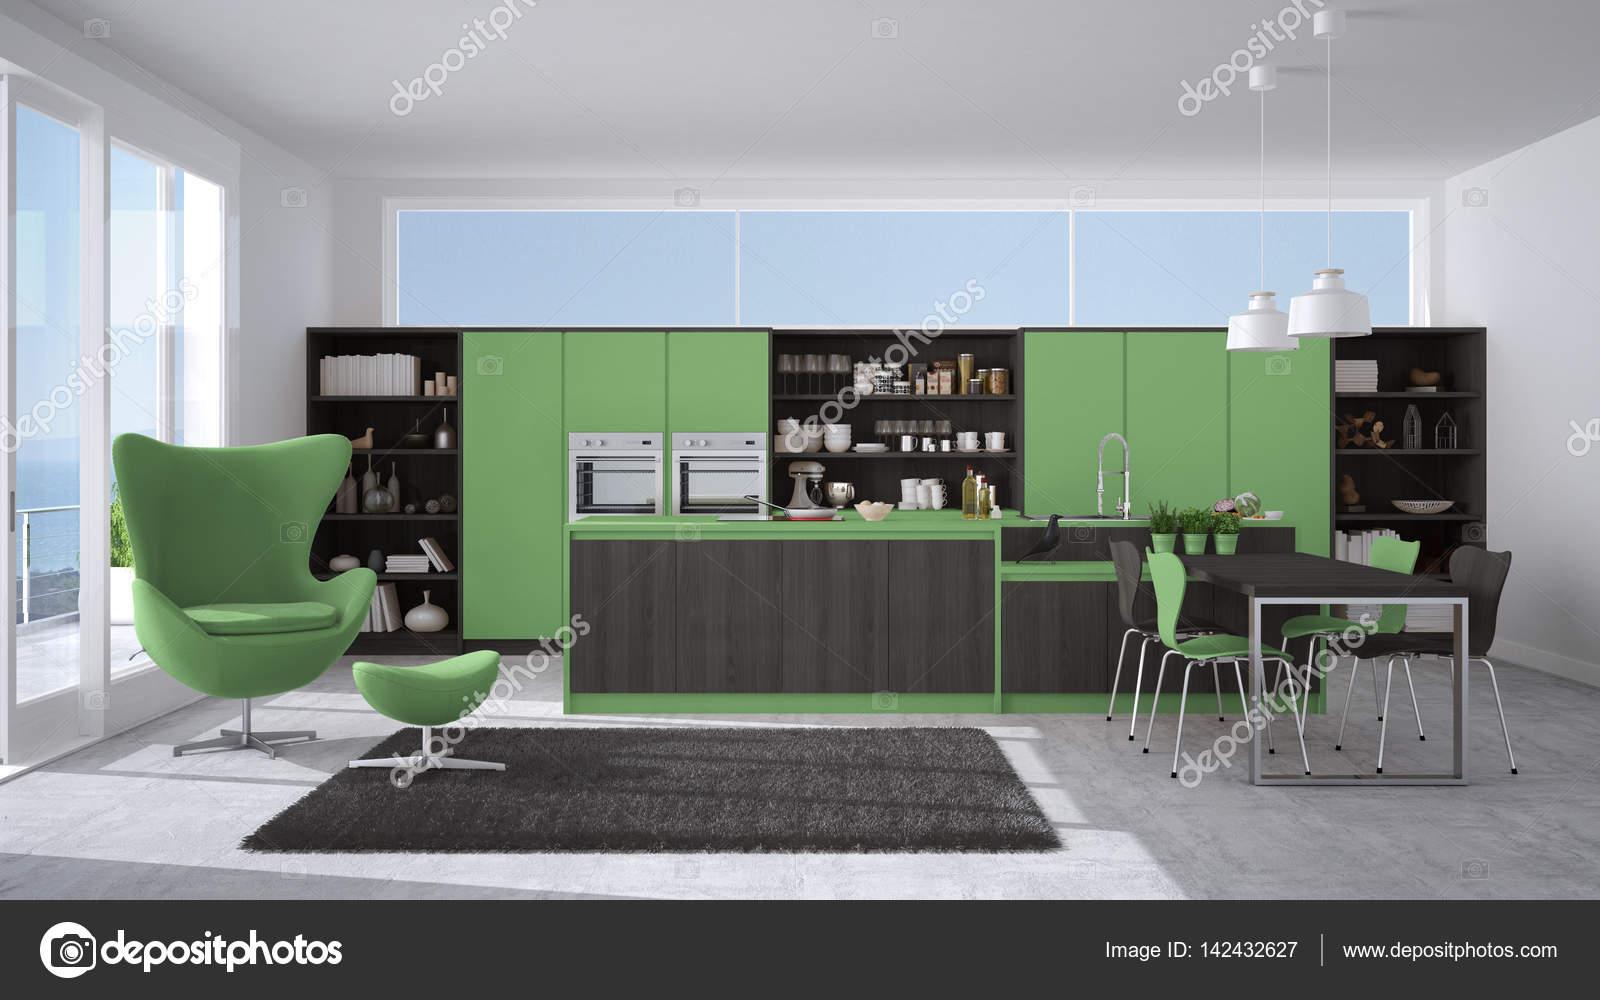 Cucina moderna grigio e verde con dettagli in legno, grande finestra ...